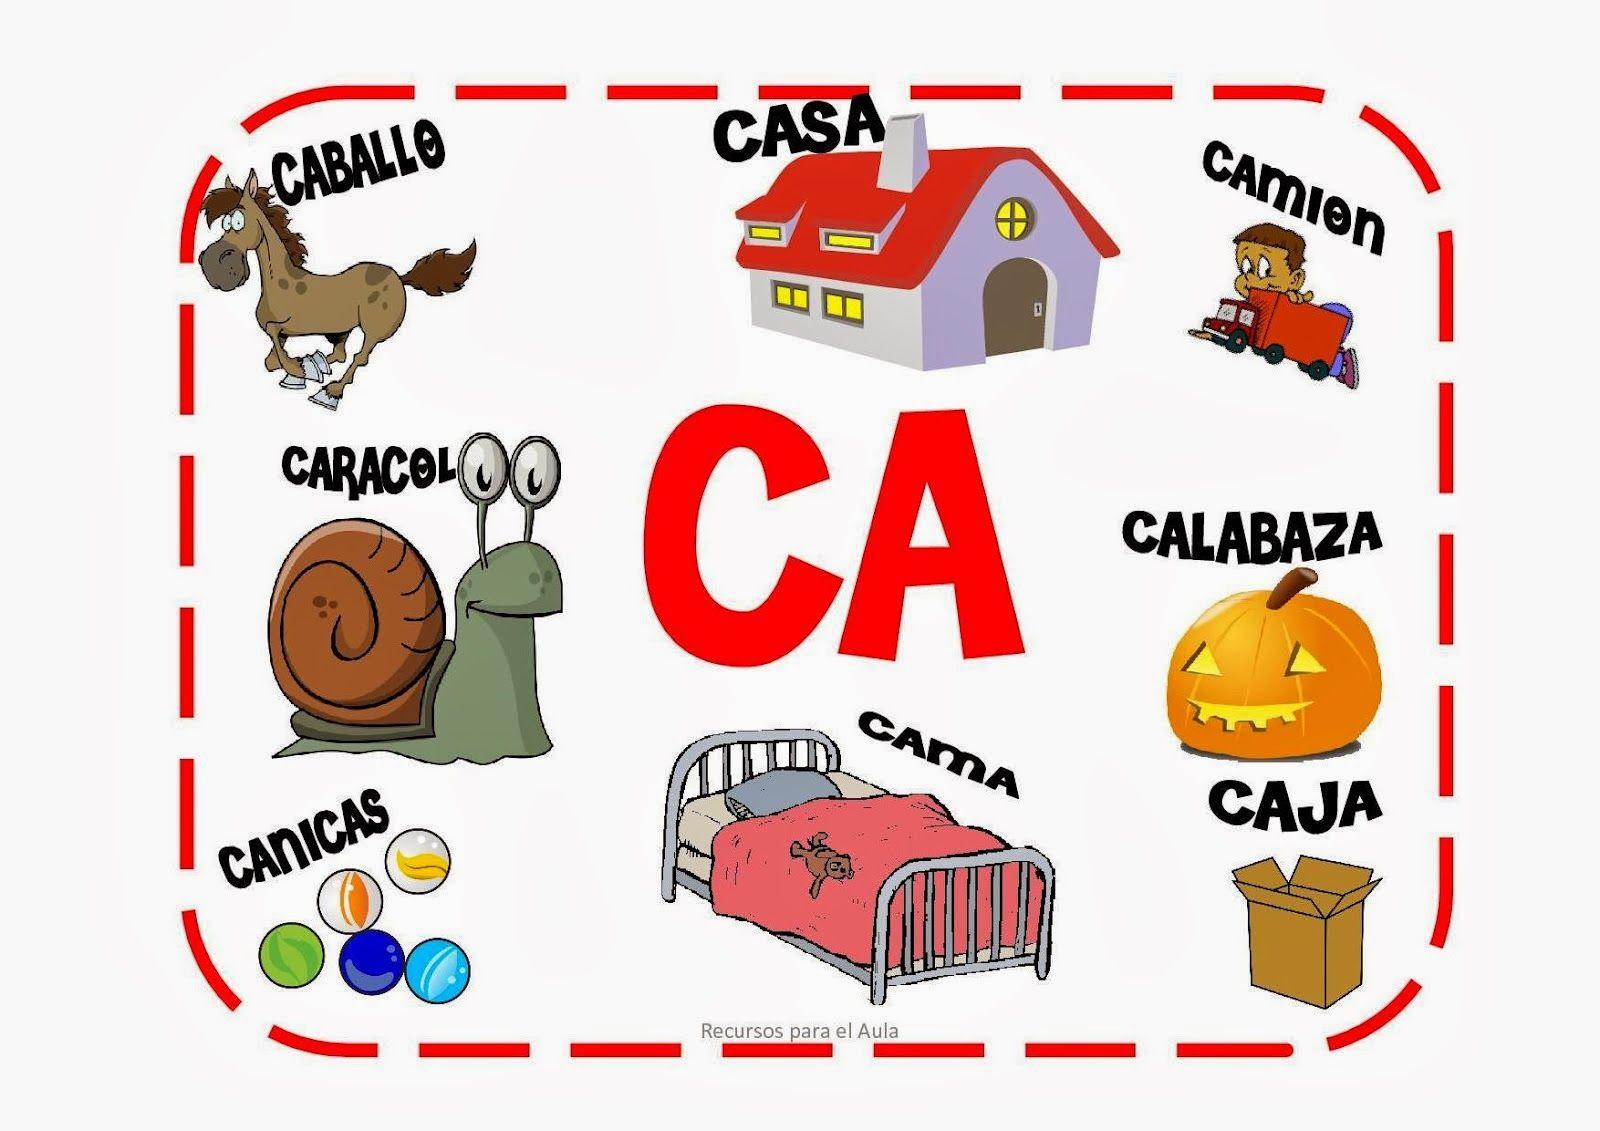 Maestra De Primaria Palabras Con Ca Co Cu Que Qui Palabras Cartel Para El Aula Palabras Con Que Qui Aprender Las Letras Imagenes Para Maestros